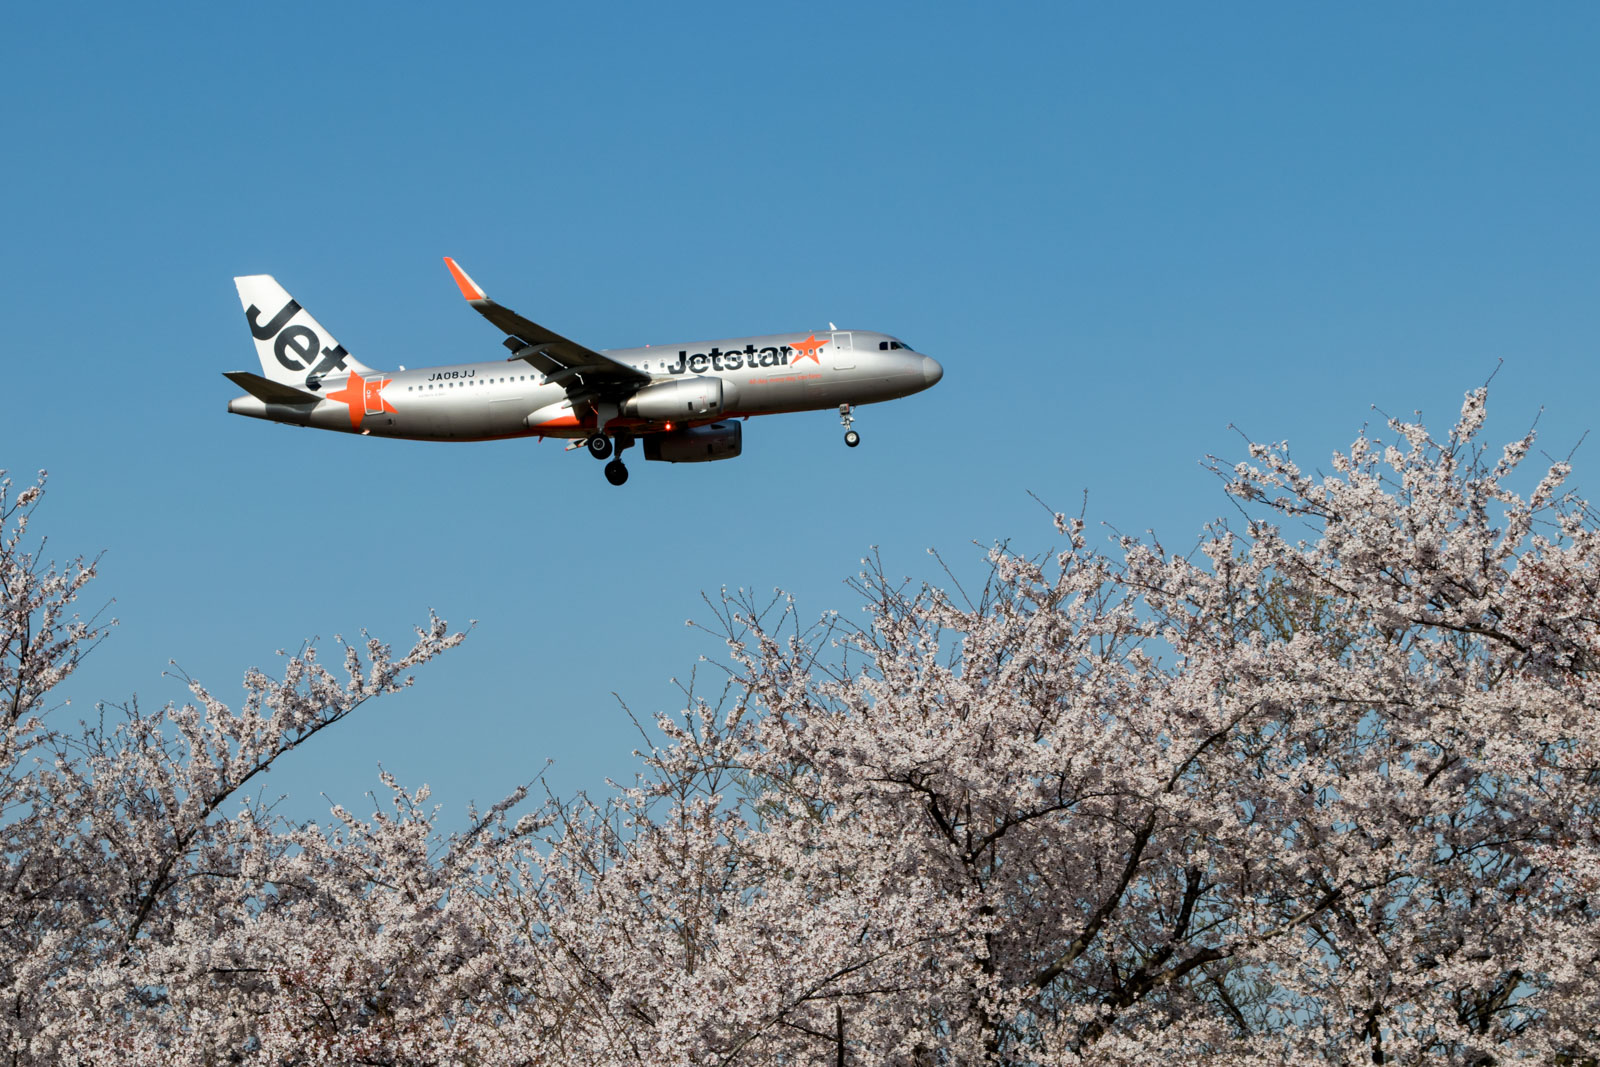 Jetstar A320 with Sakura